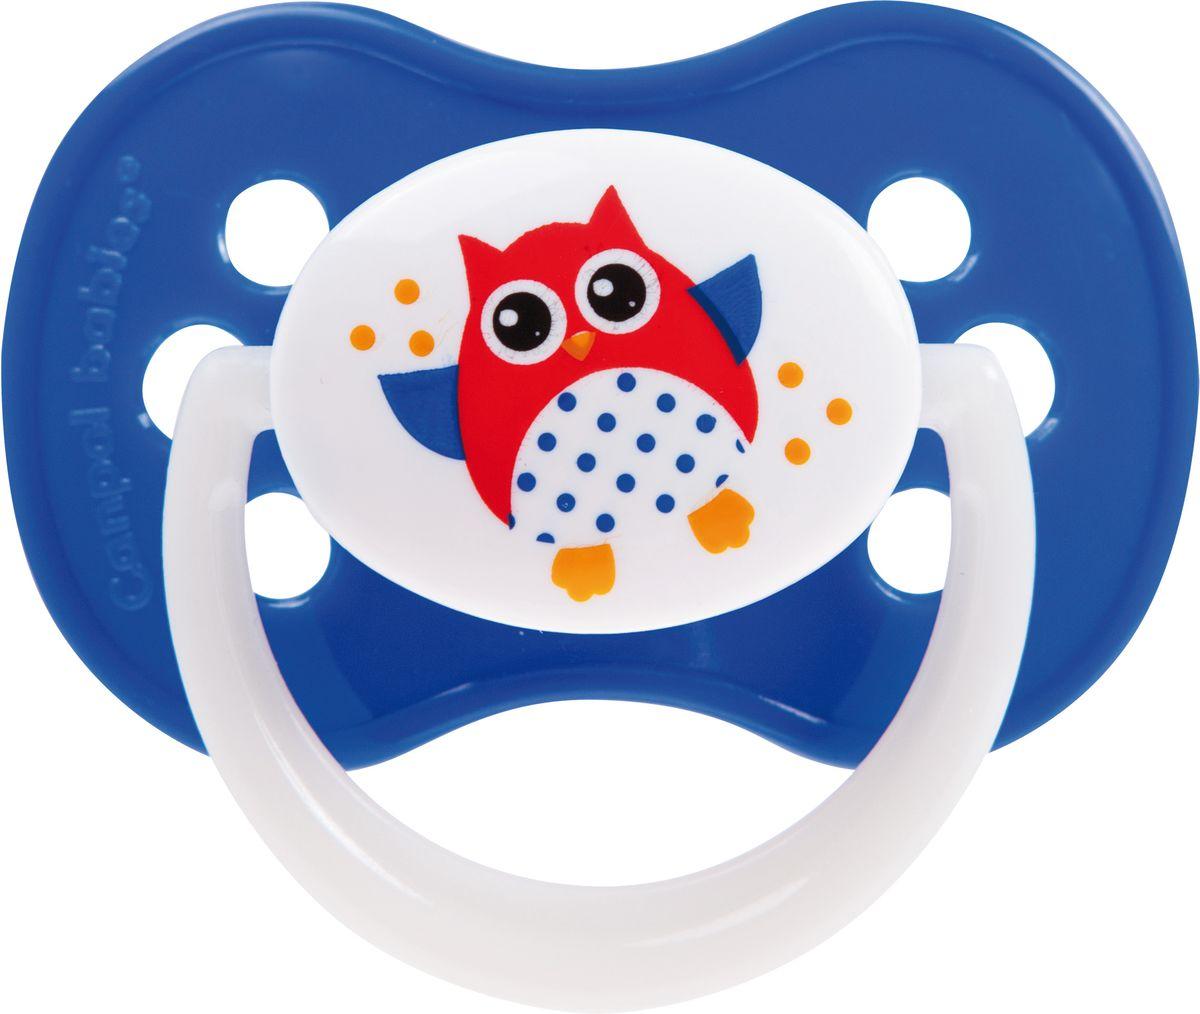 Canpol Babies Пустышка силиконовая симметричная Owl от 6 до 18 месяцев цвет синий canpol babies пустышка силиконовая кораблик от 18 месяцев